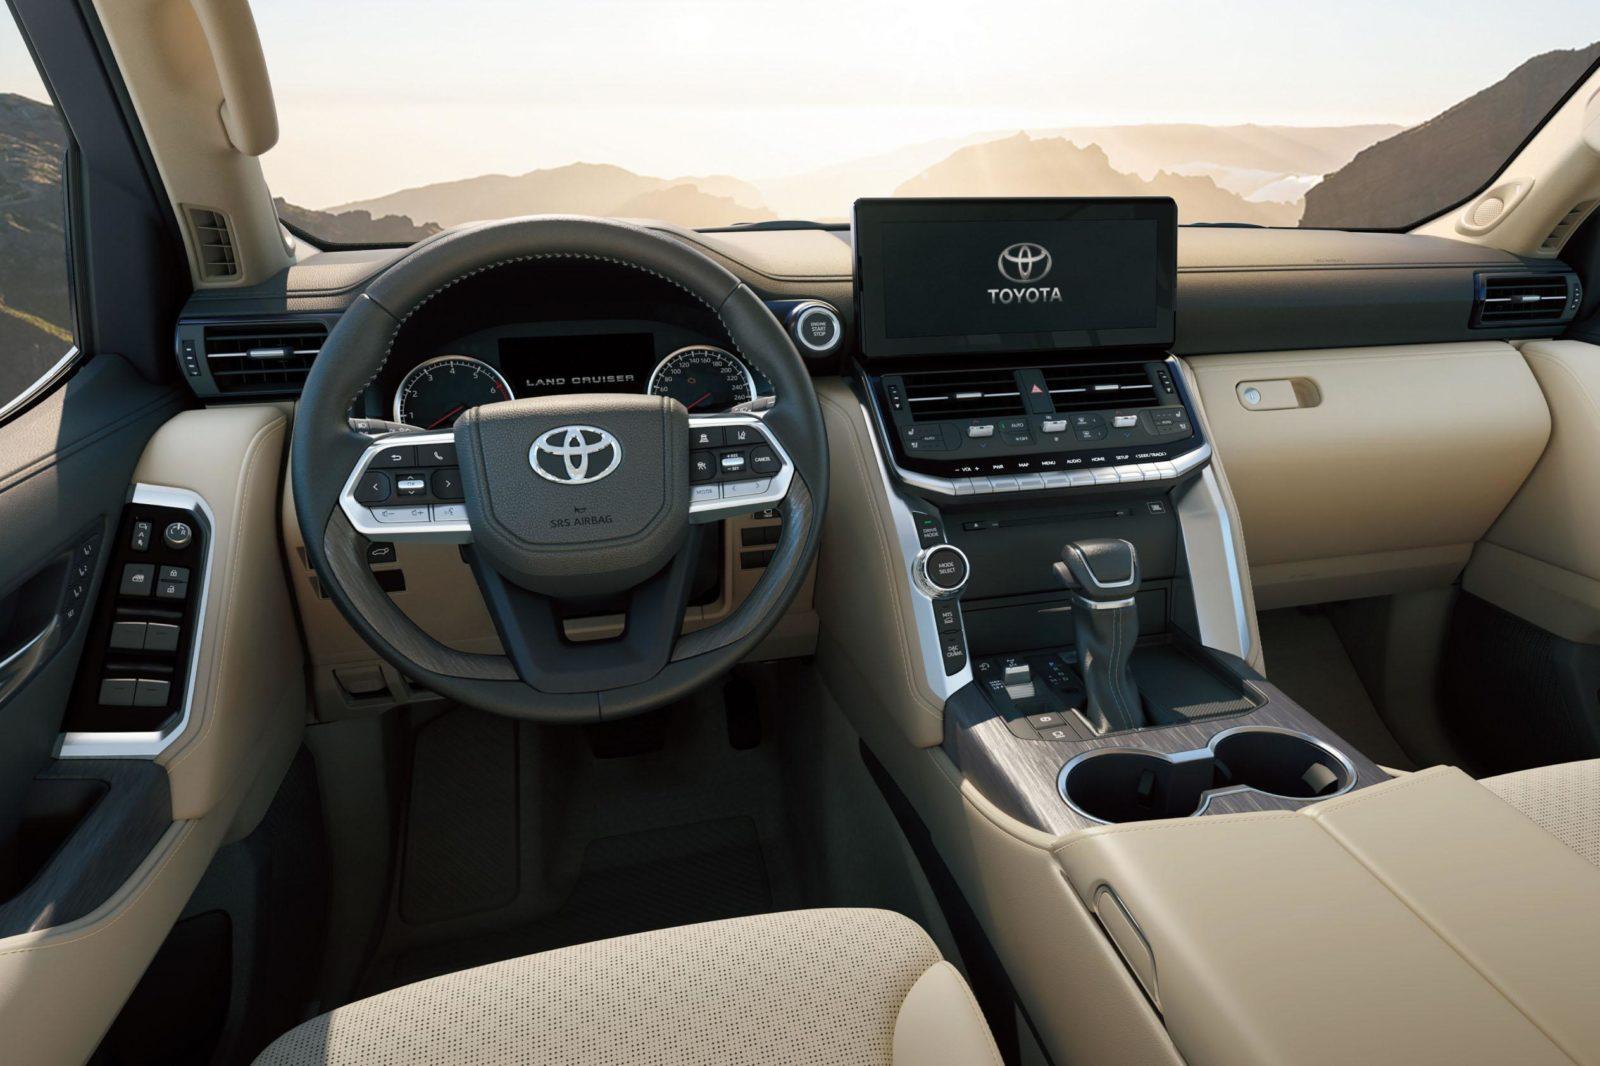 Toyota запретила покупателям перепродавать новый Land Cruiser 300 в течении года